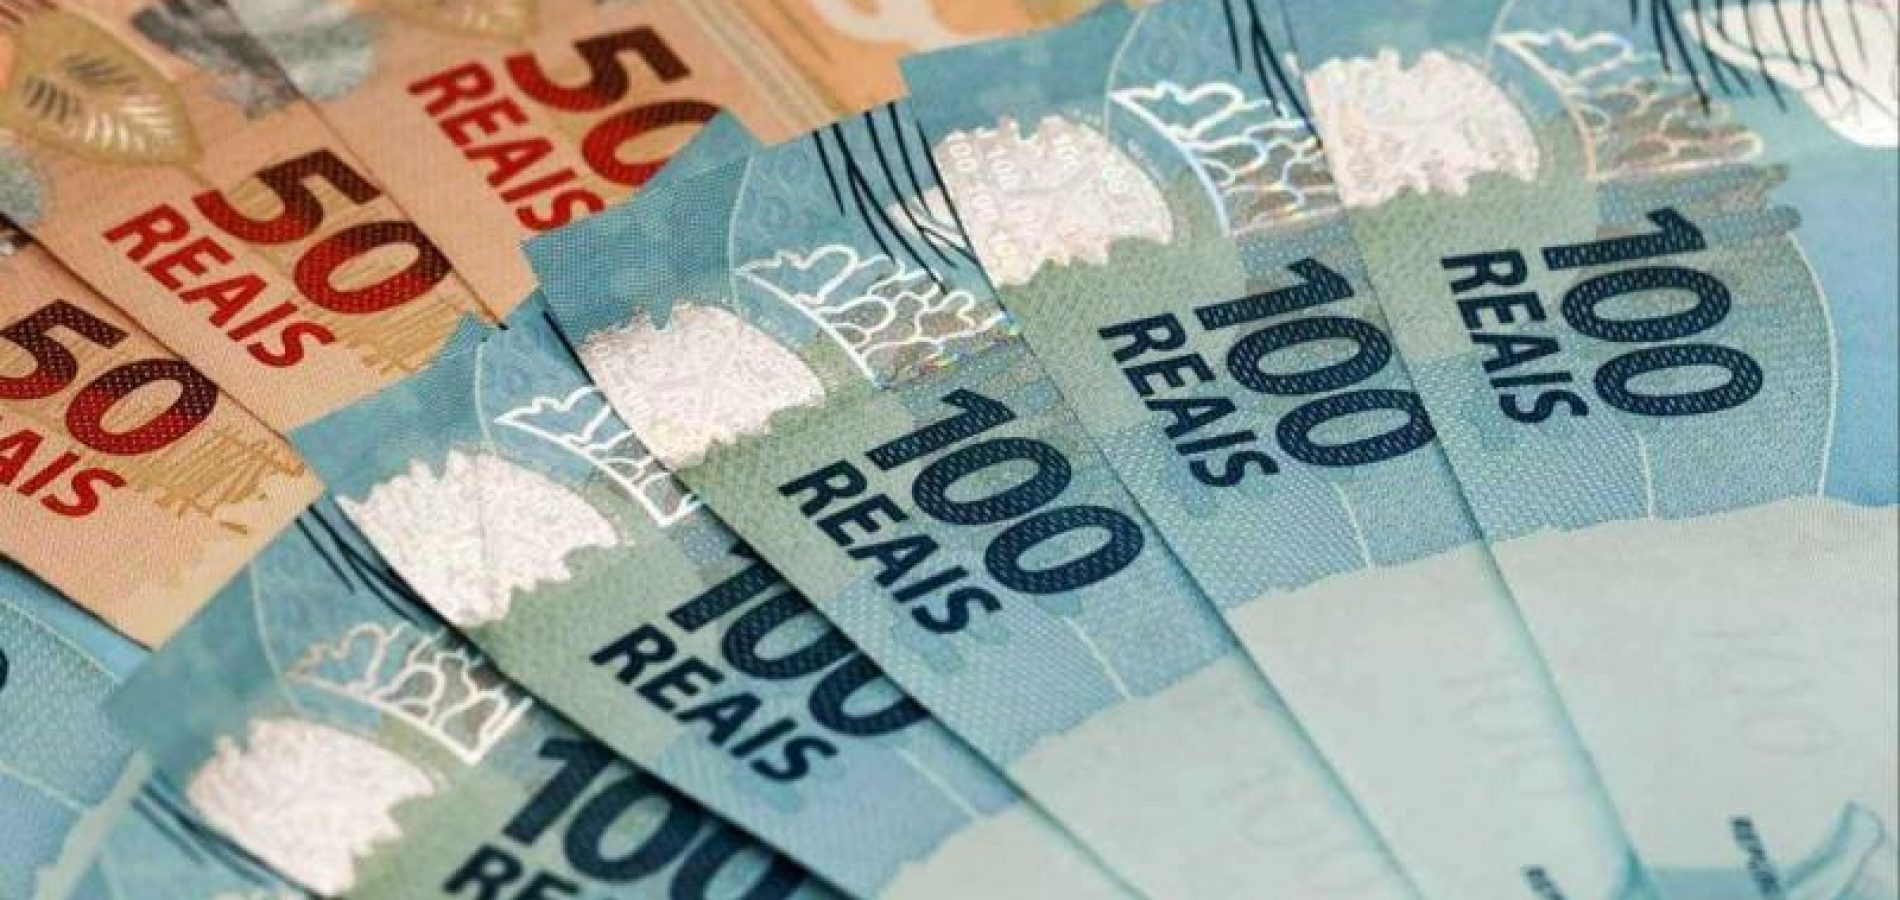 Governos locais poderão pegar até R$ 24,5 bilhões emprestados em 2019